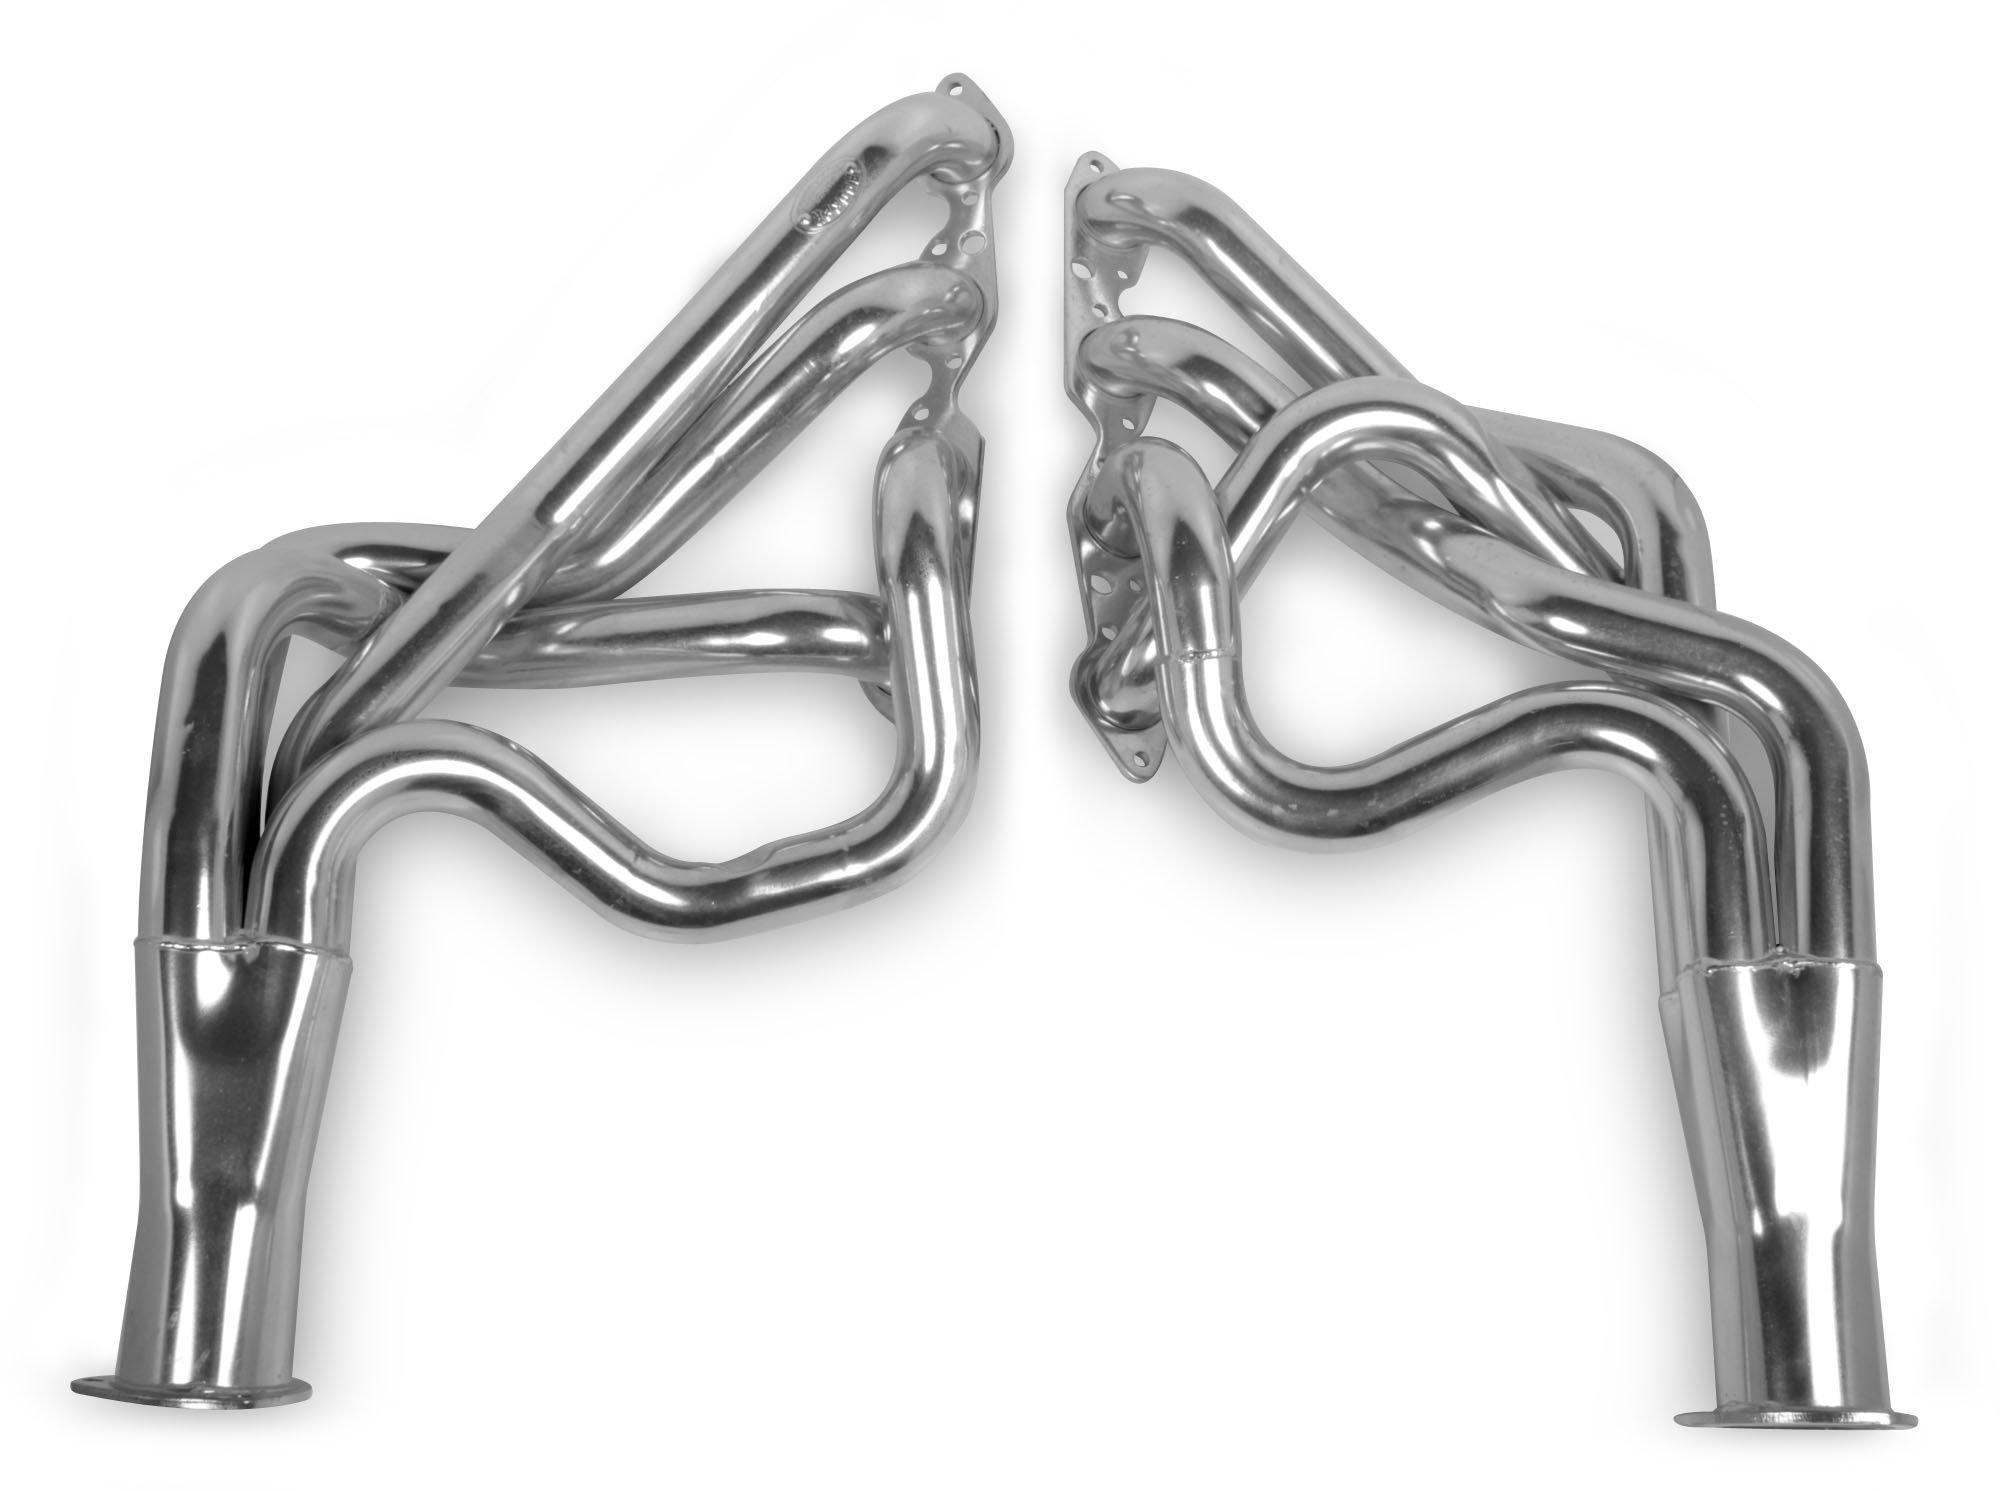 2285-1HKR - Hooker Super Competition Long Tube Header - Ceramic Coated Image